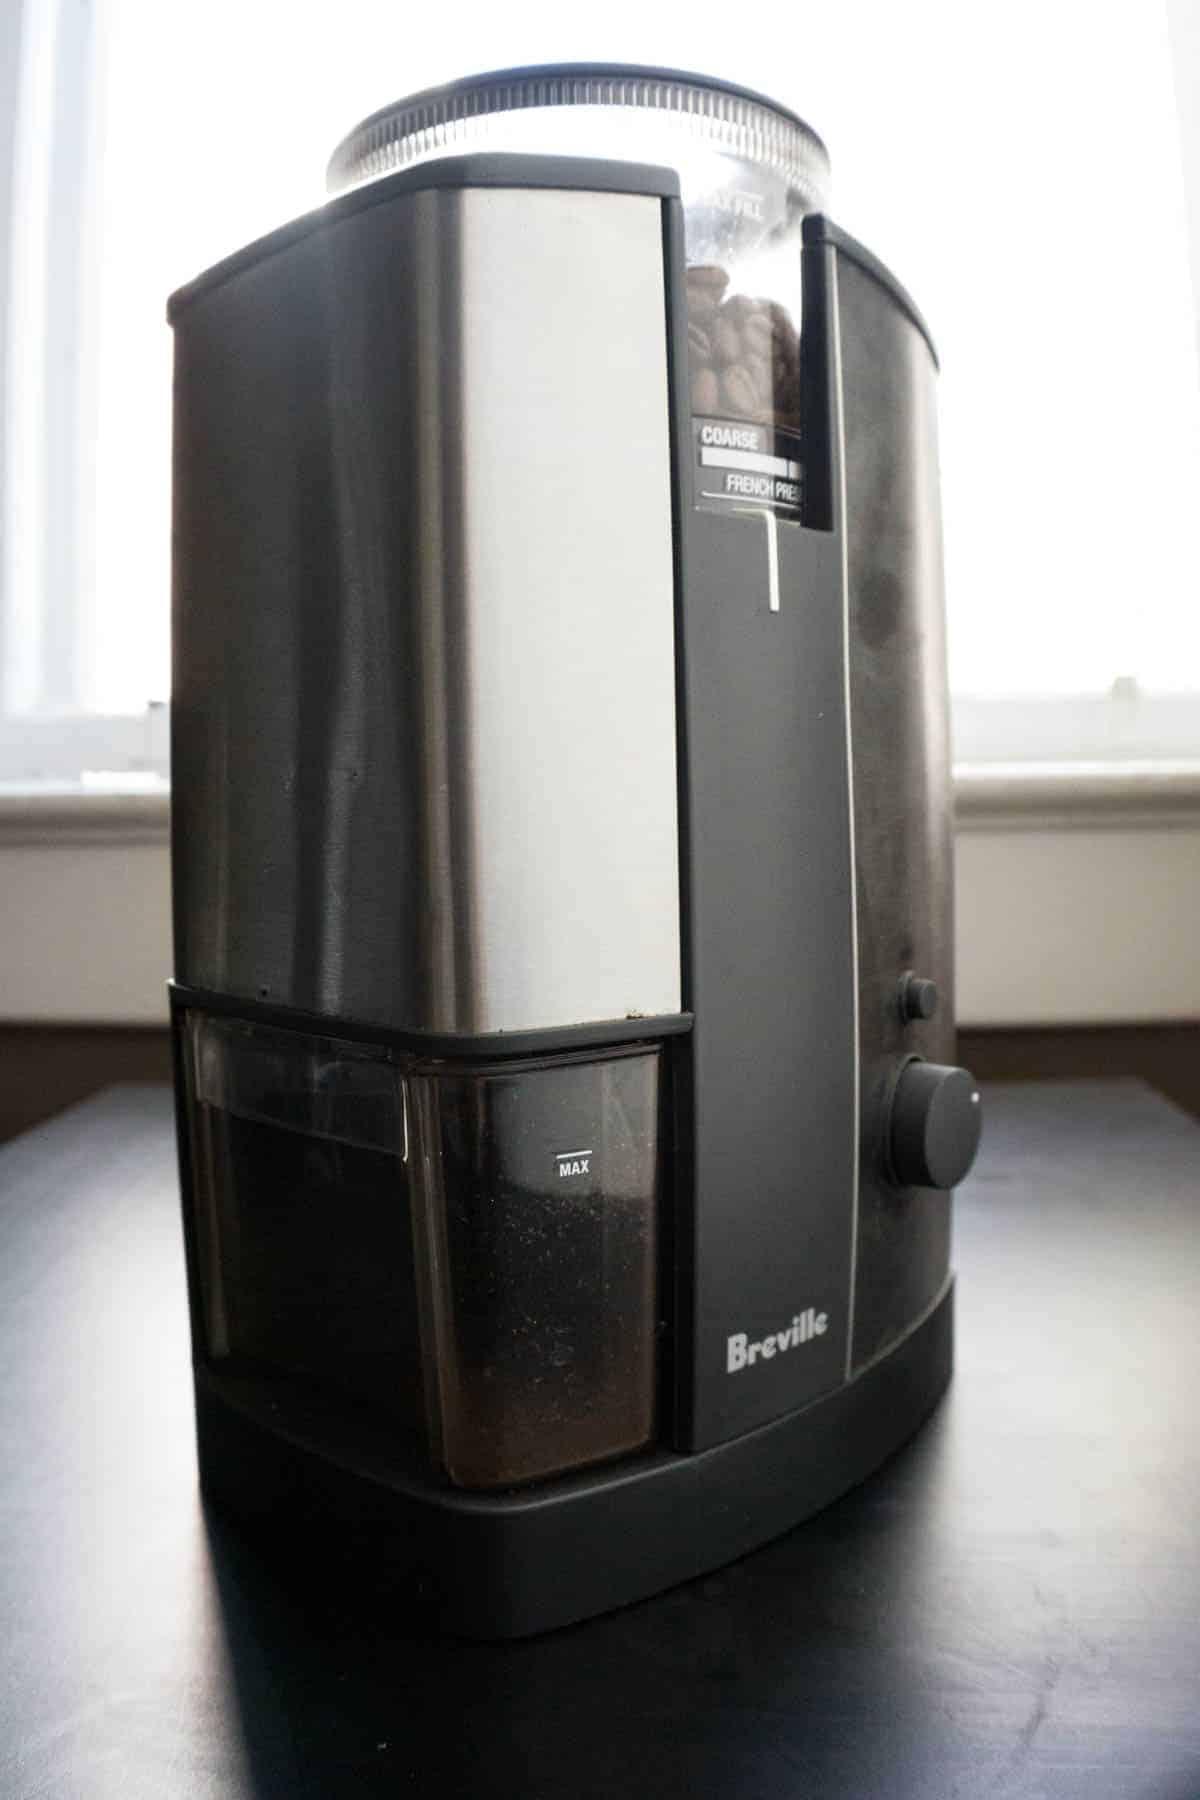 Breville Burr Coffee Grinder